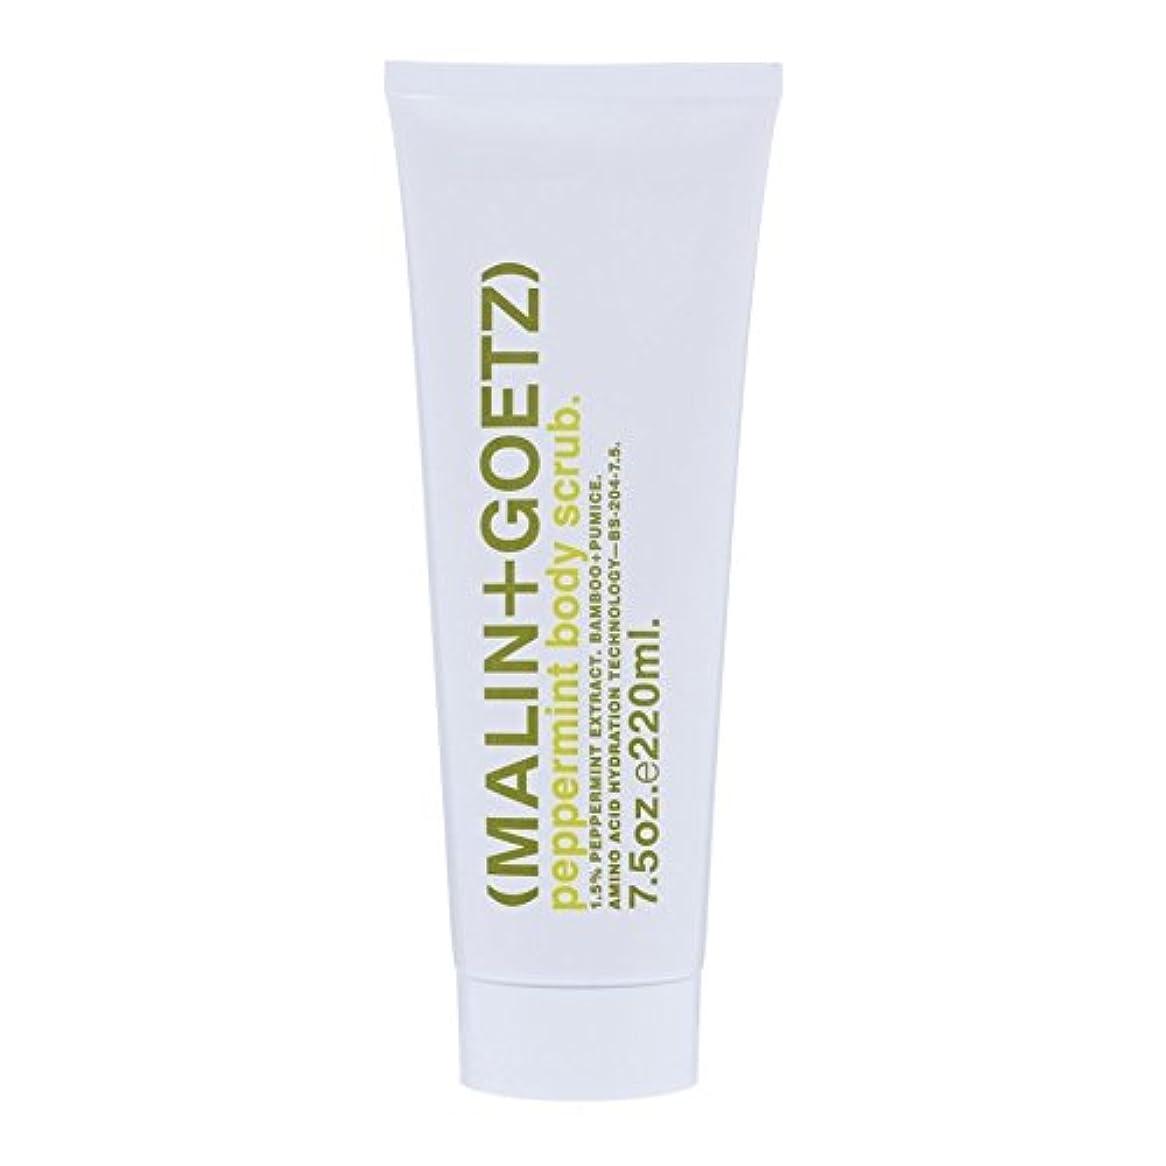 金貸しカバー雑草(MALIN+GOETZ) Peppermint Body Scrub 220ml - (マリン+ゲッツ)ペパーミントボディスクラブ220ミリリットル [並行輸入品]